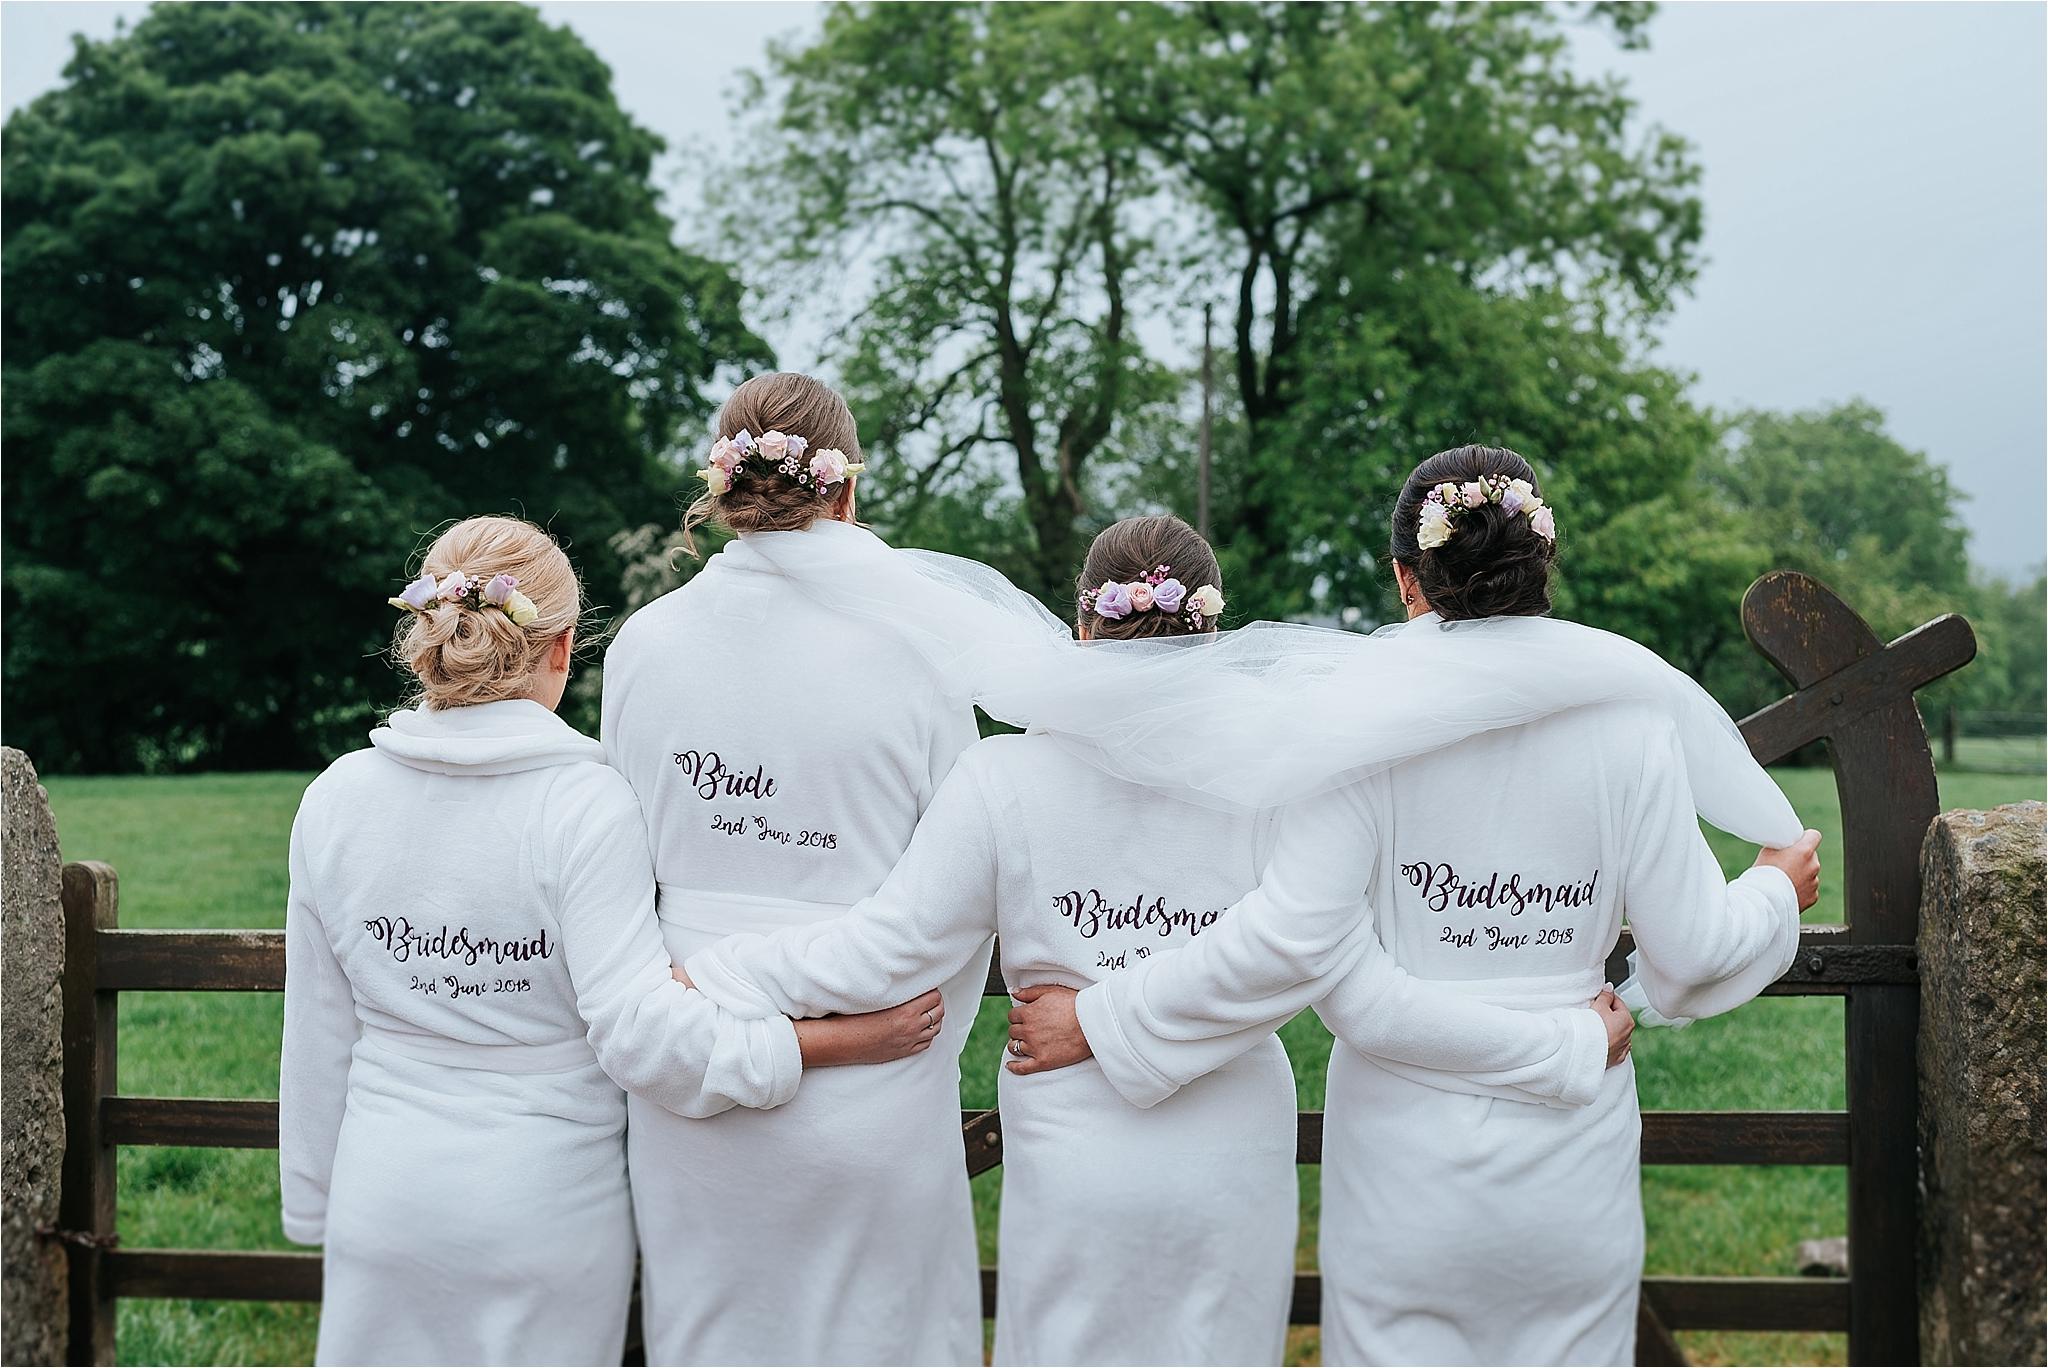 lancashireweddingphotography_0007.jpg